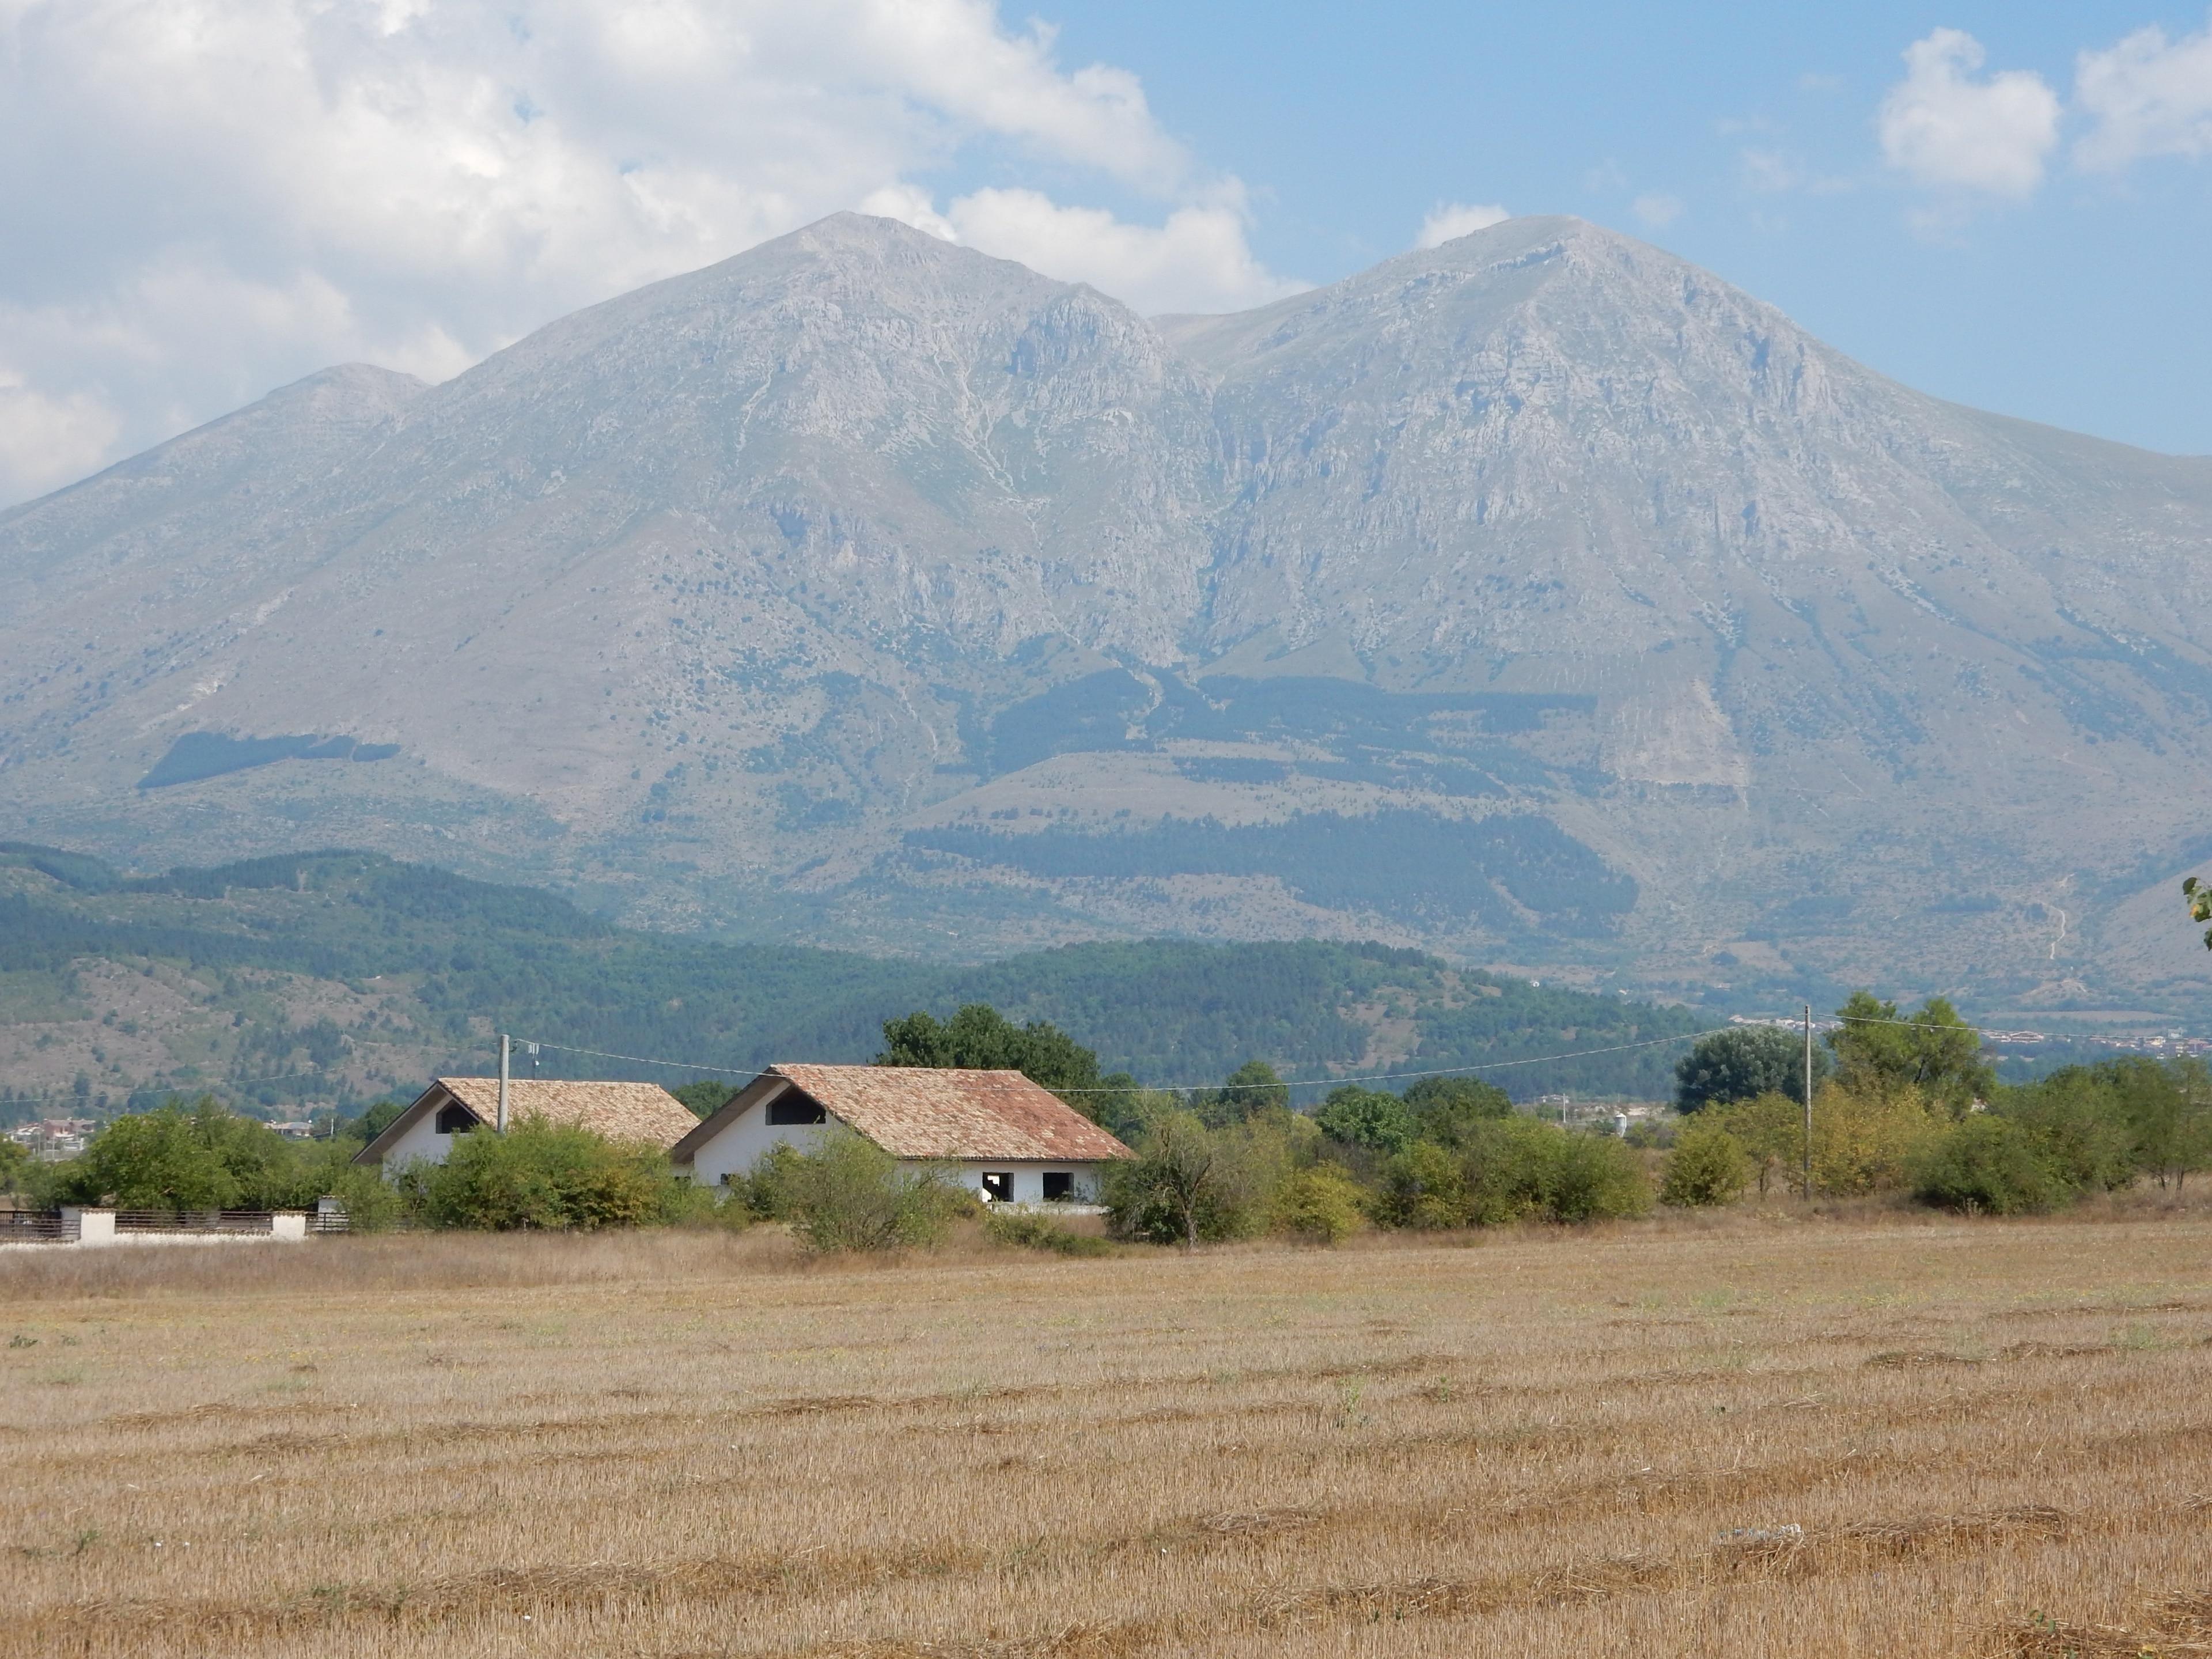 Magliano de' Marsi, Abruzzo, Italy